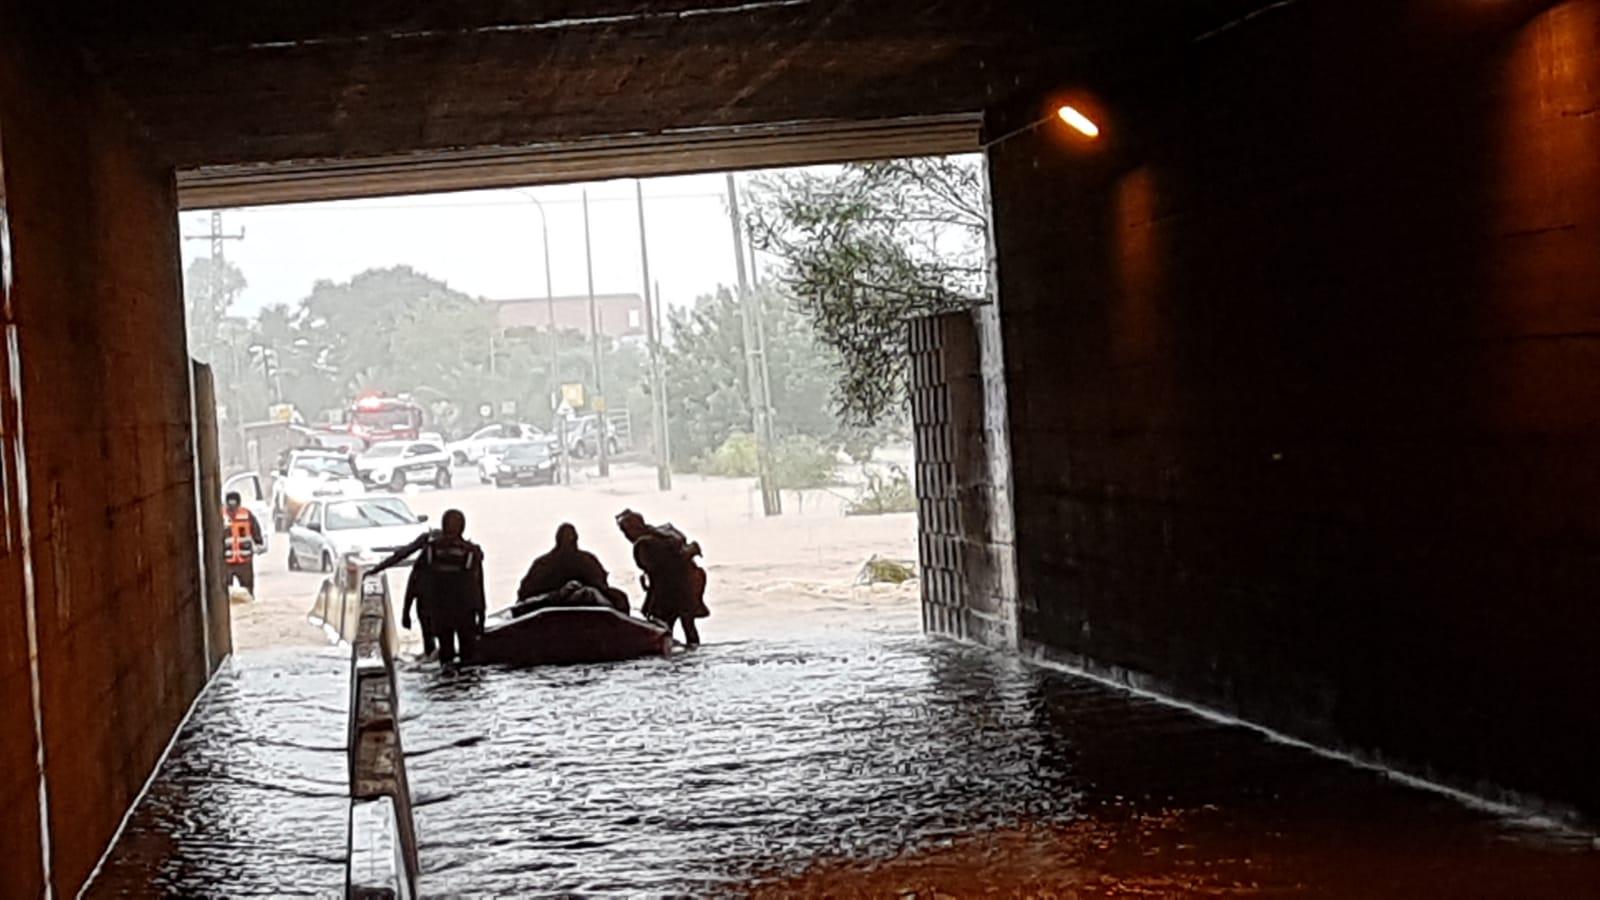 חילוץ בכפר חבד עקב הצפות